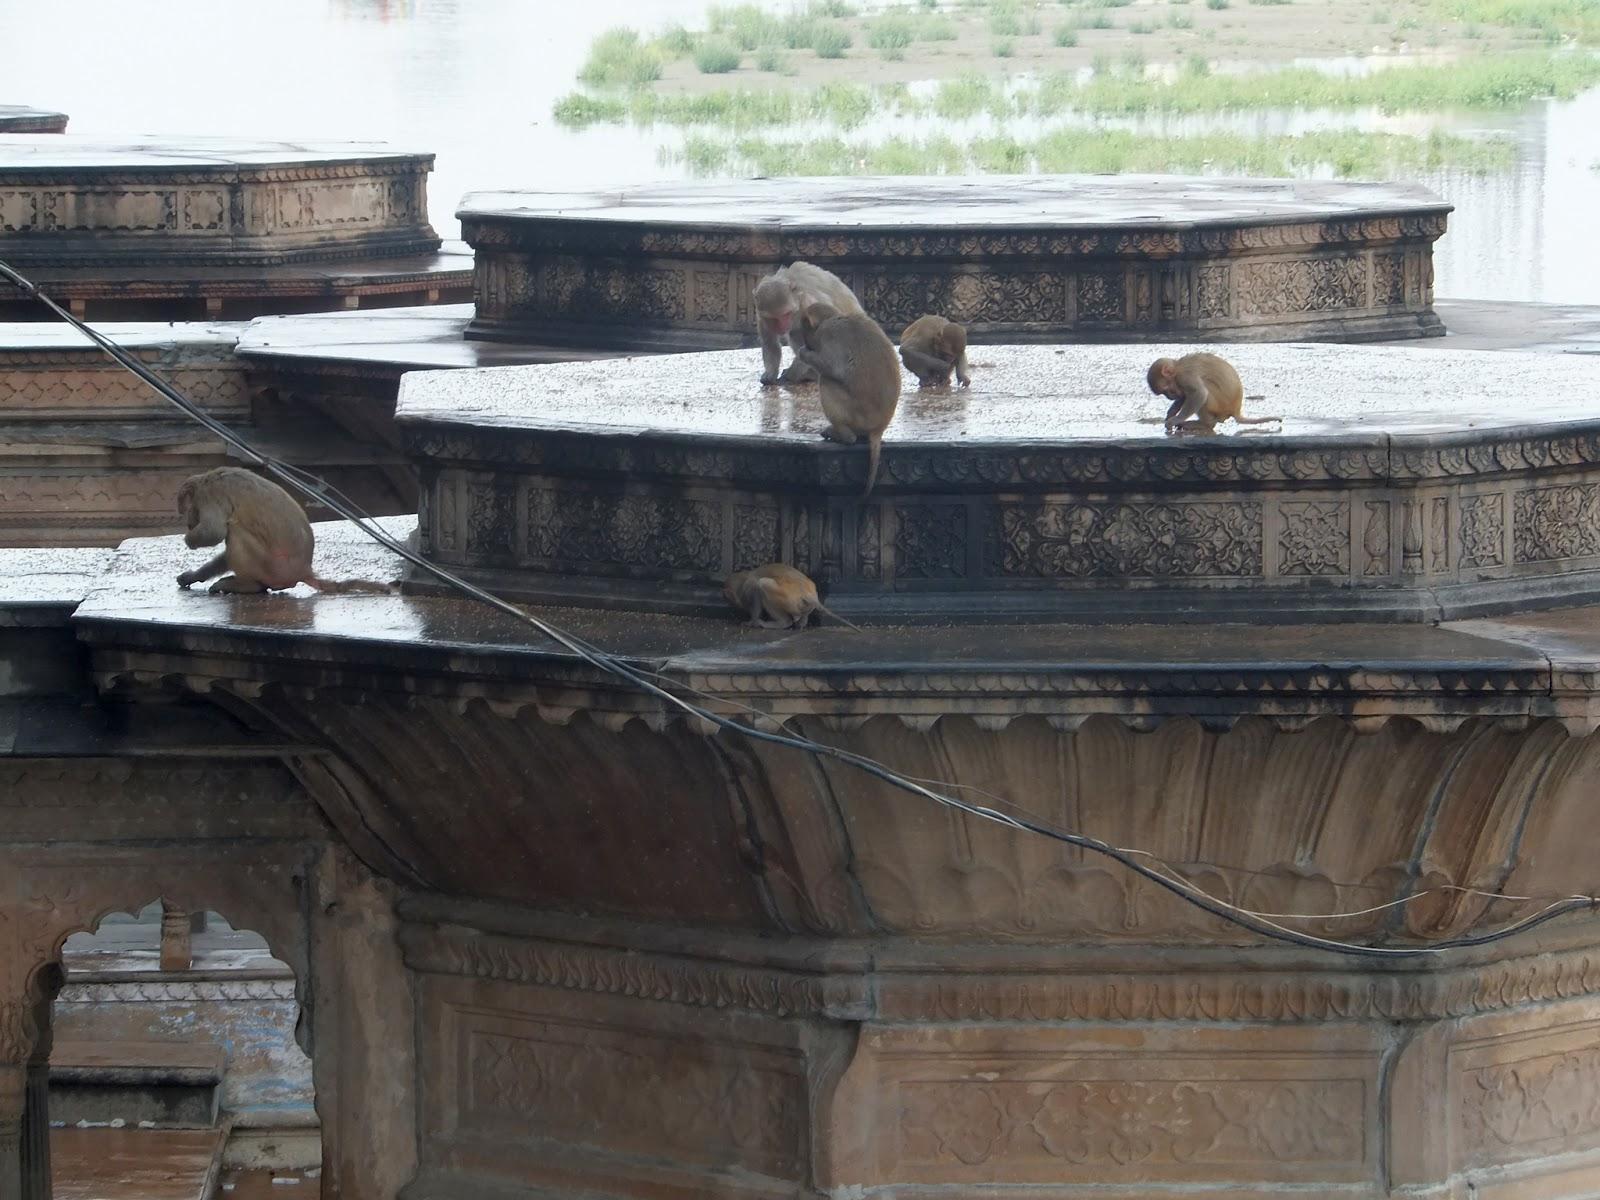 обезьяны собирают воздушный рис